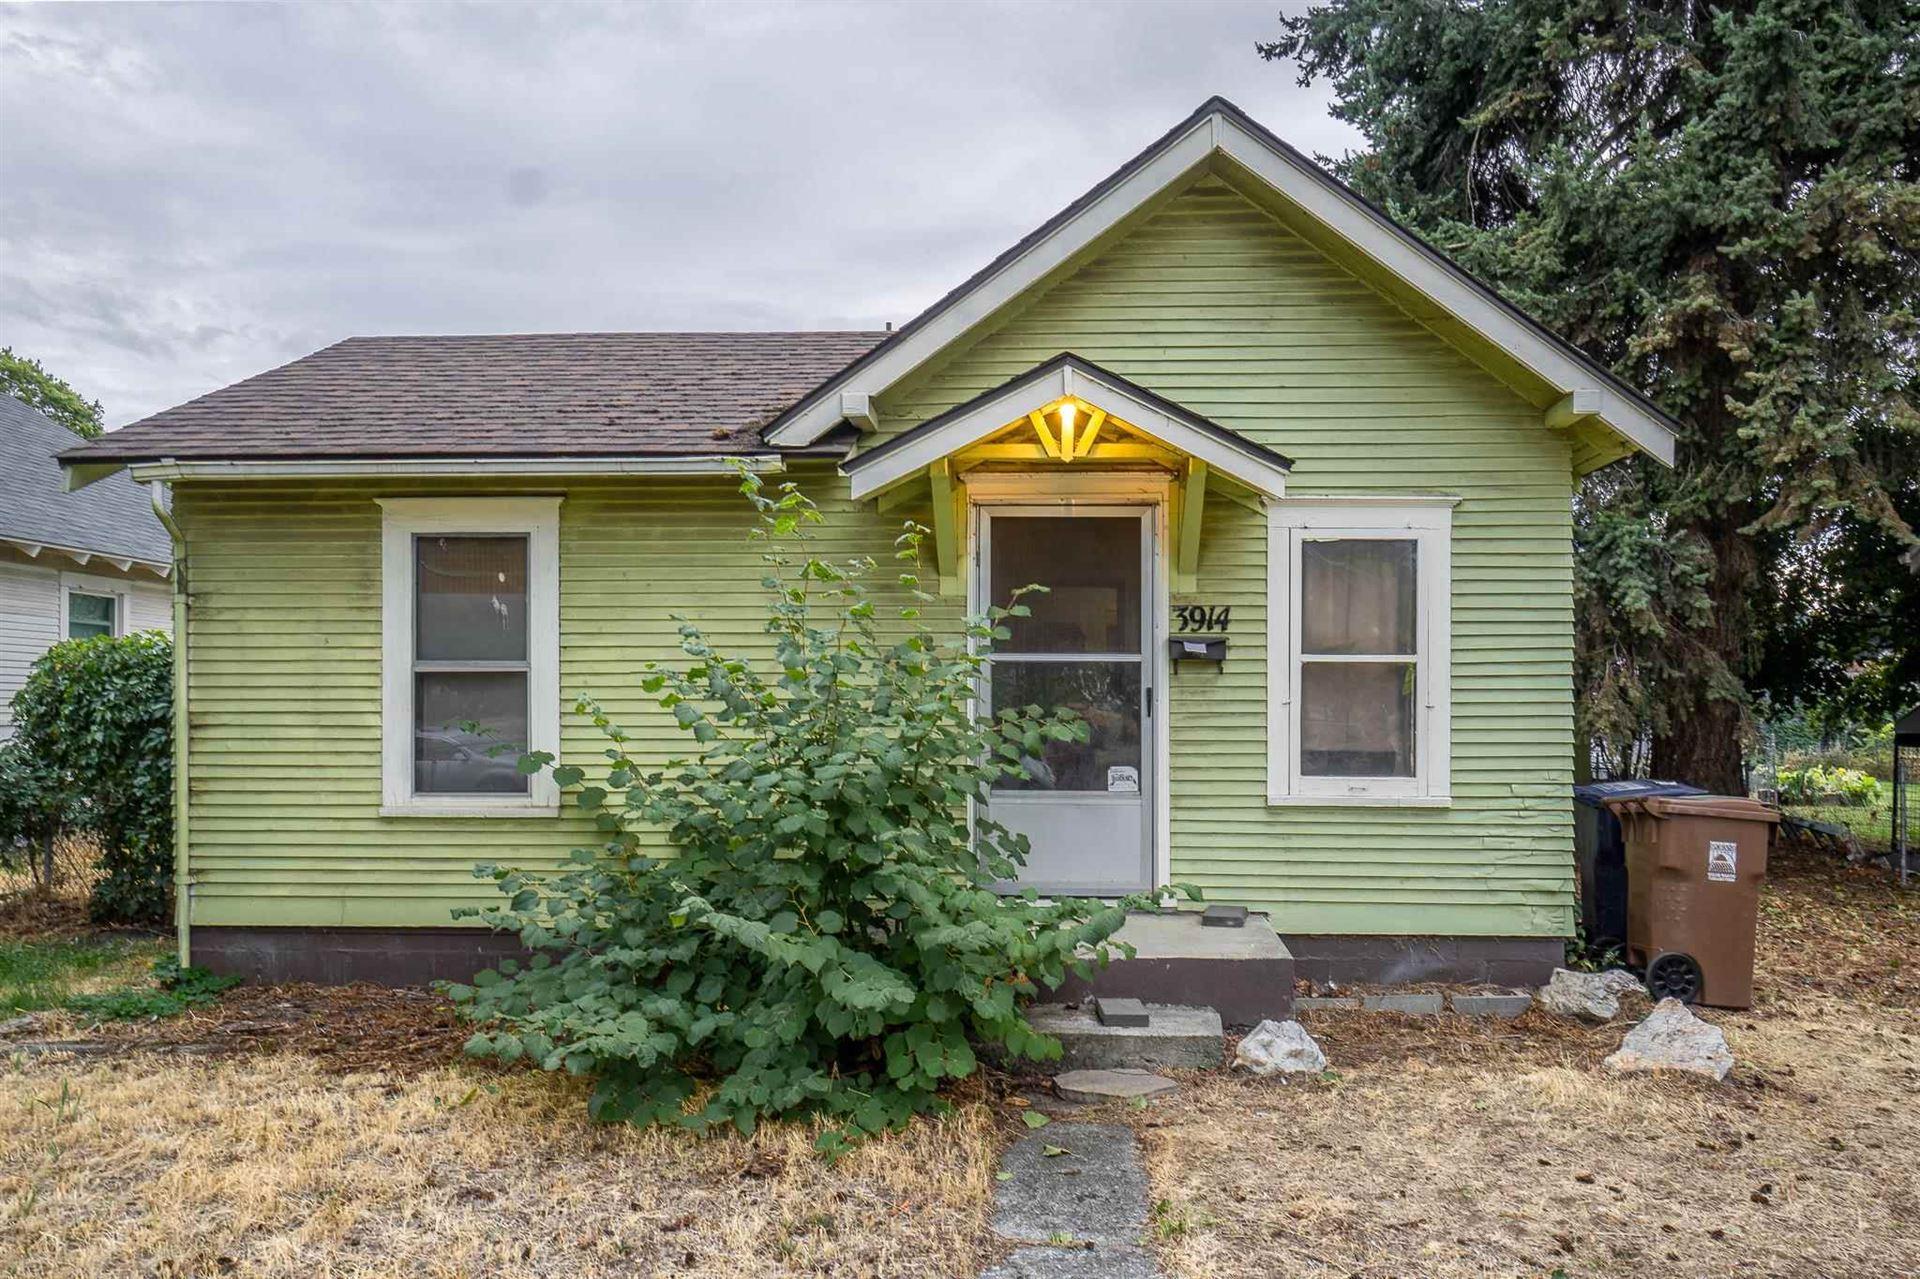 3914 E 4th Ave, Spokane, WA 99202-5020 - #: 202122389